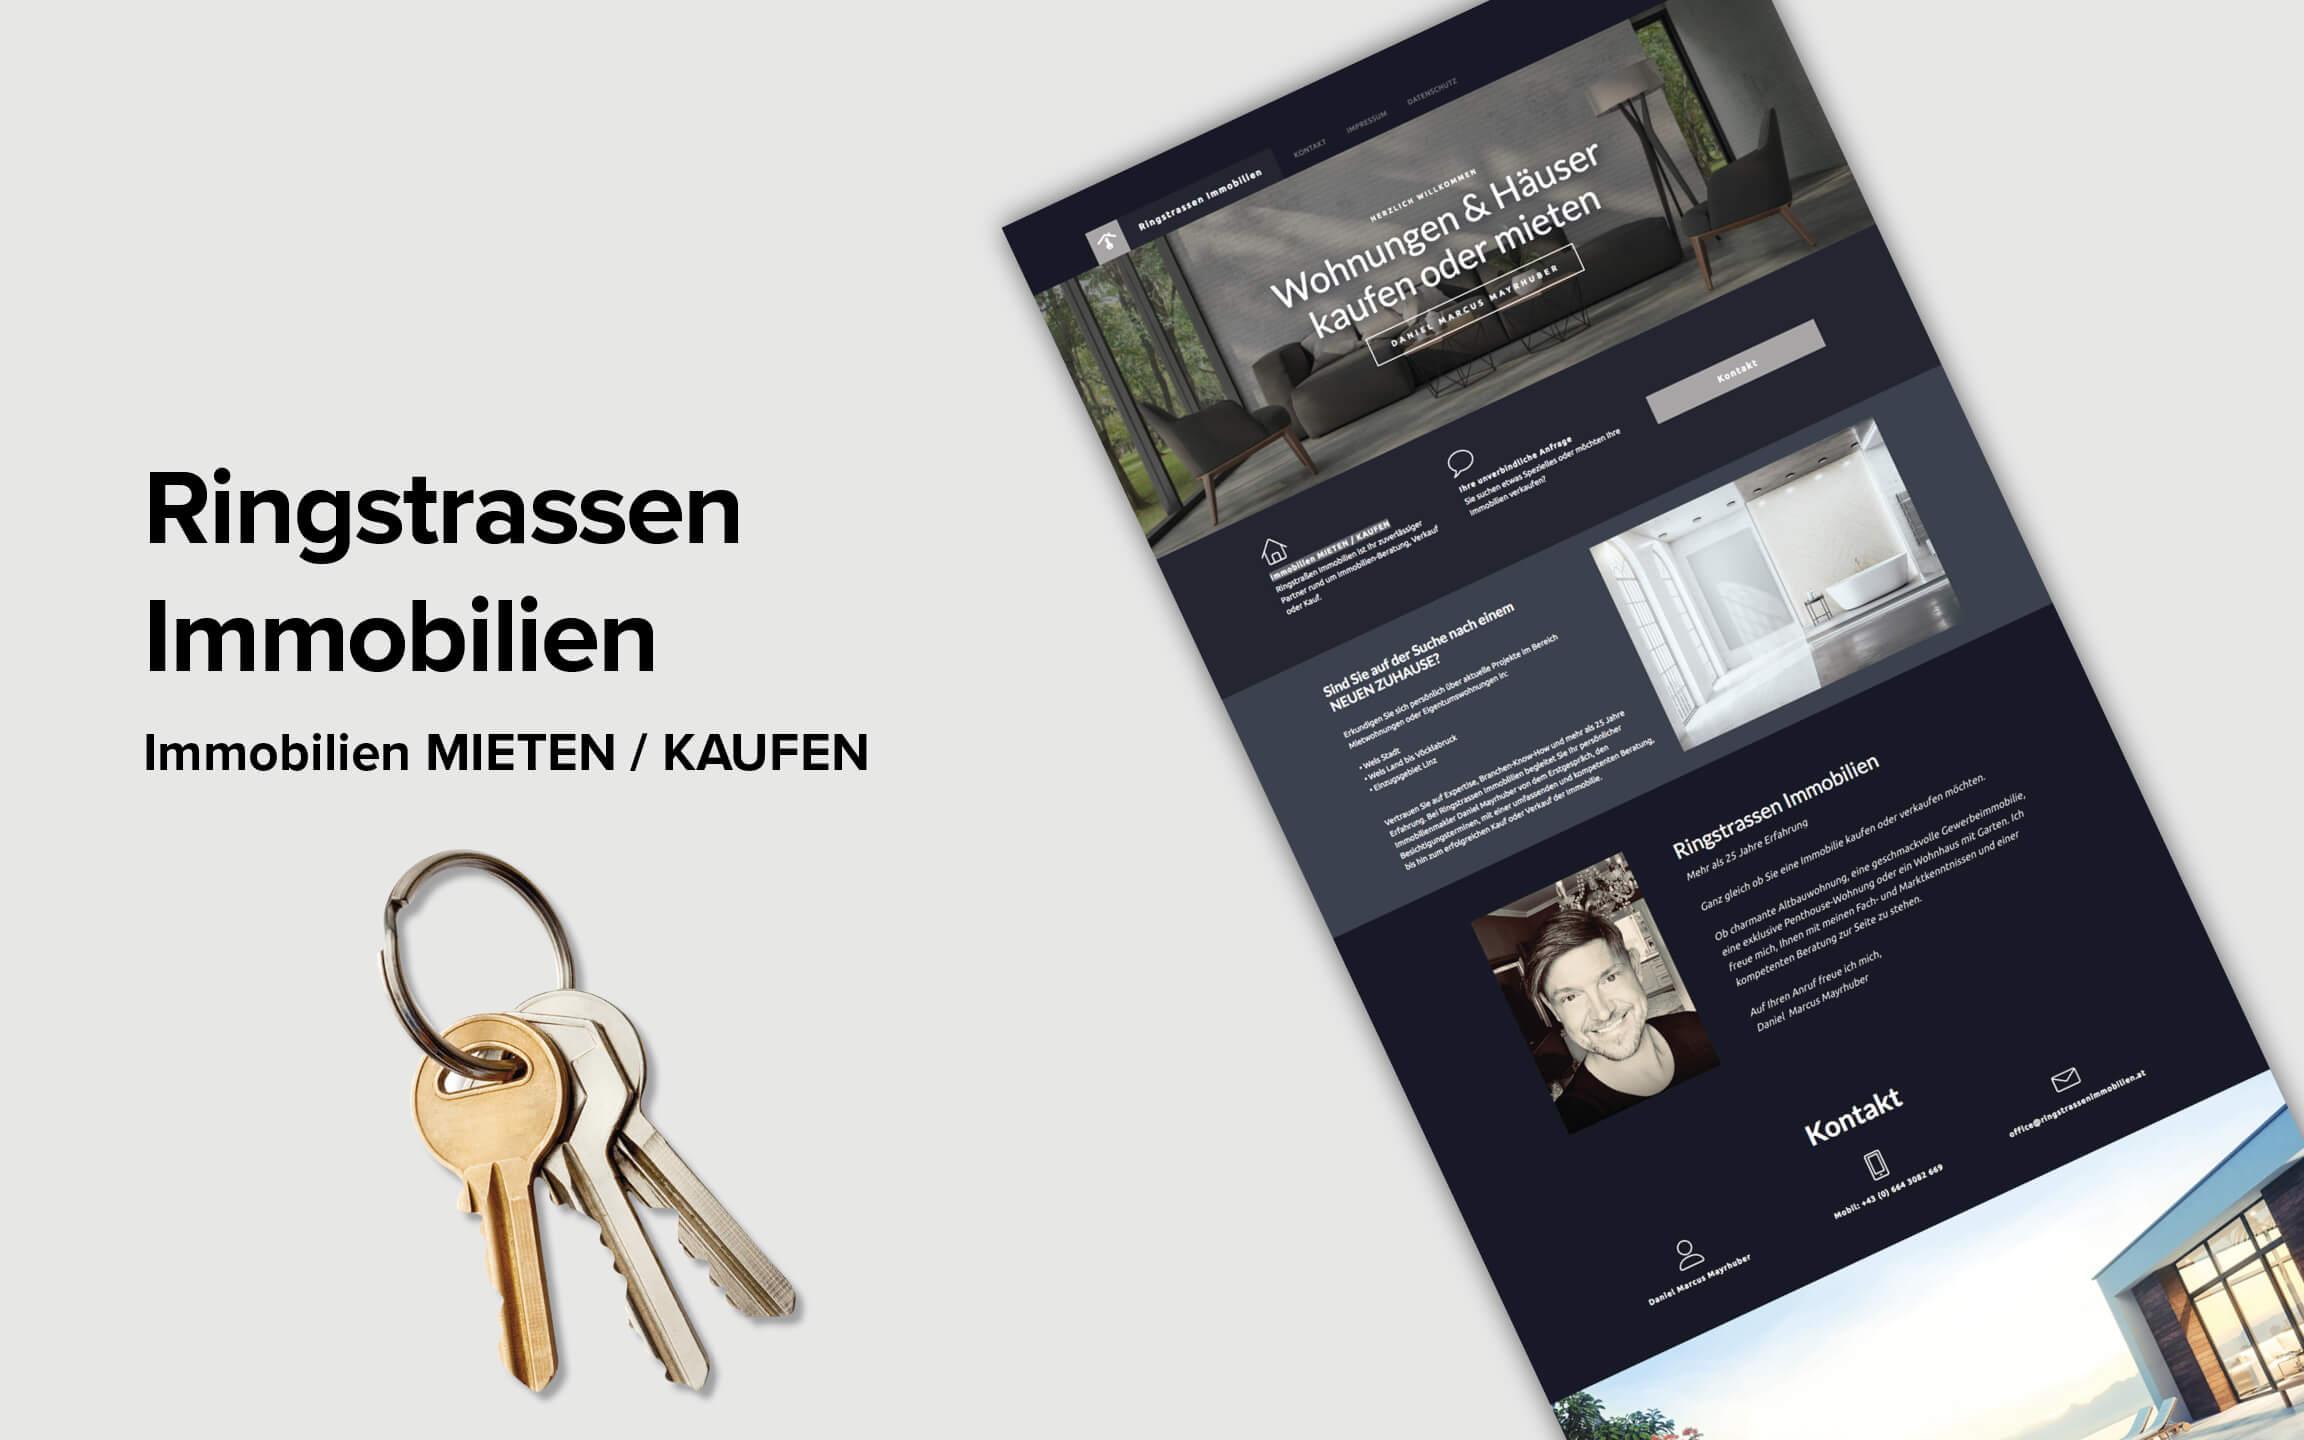 Ringstrassen_Immobilien